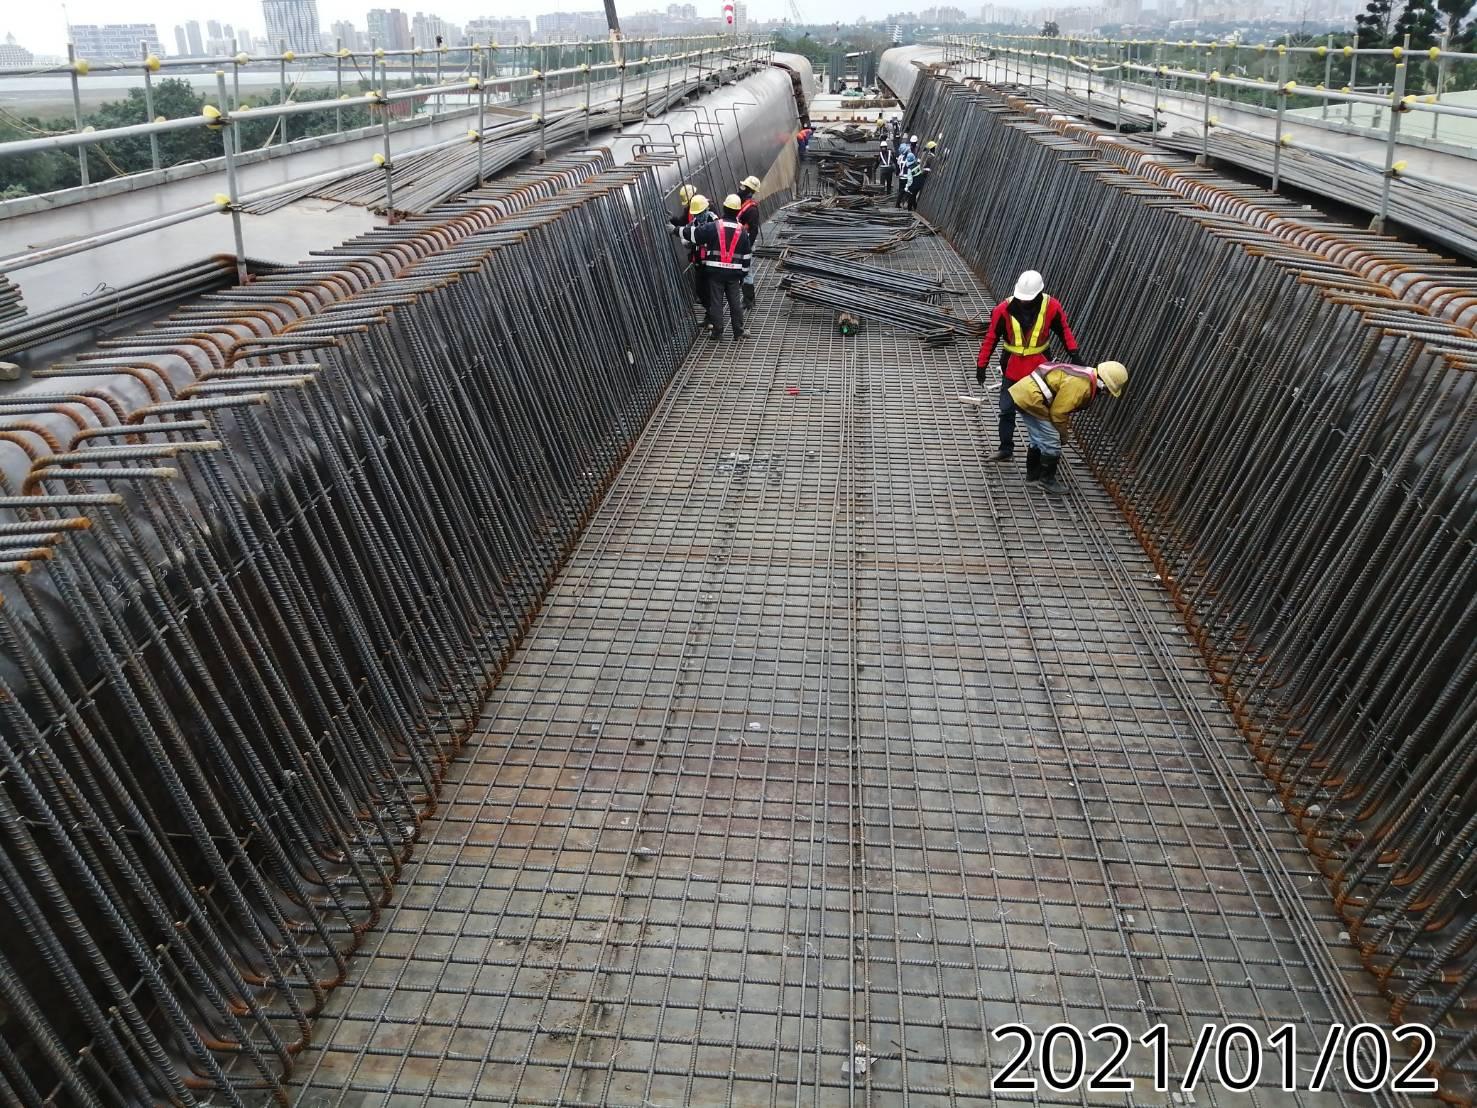 陸上段橋面版第一單元底版,鋼筋綁紮施工情況.